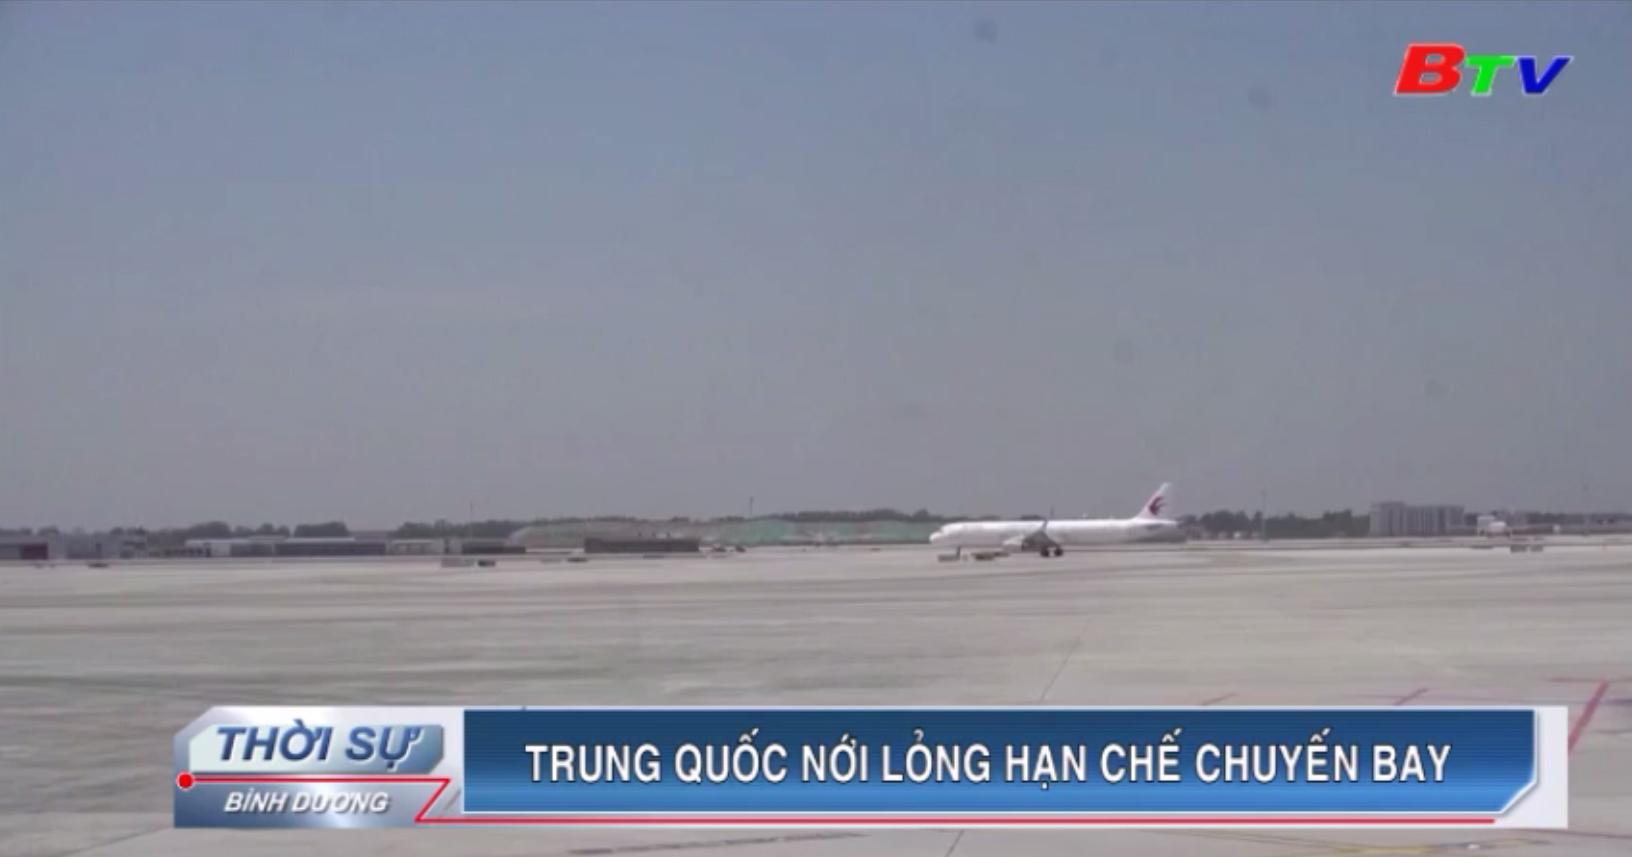 Trung Quốc nới lỏng hạn chế chuyến bay